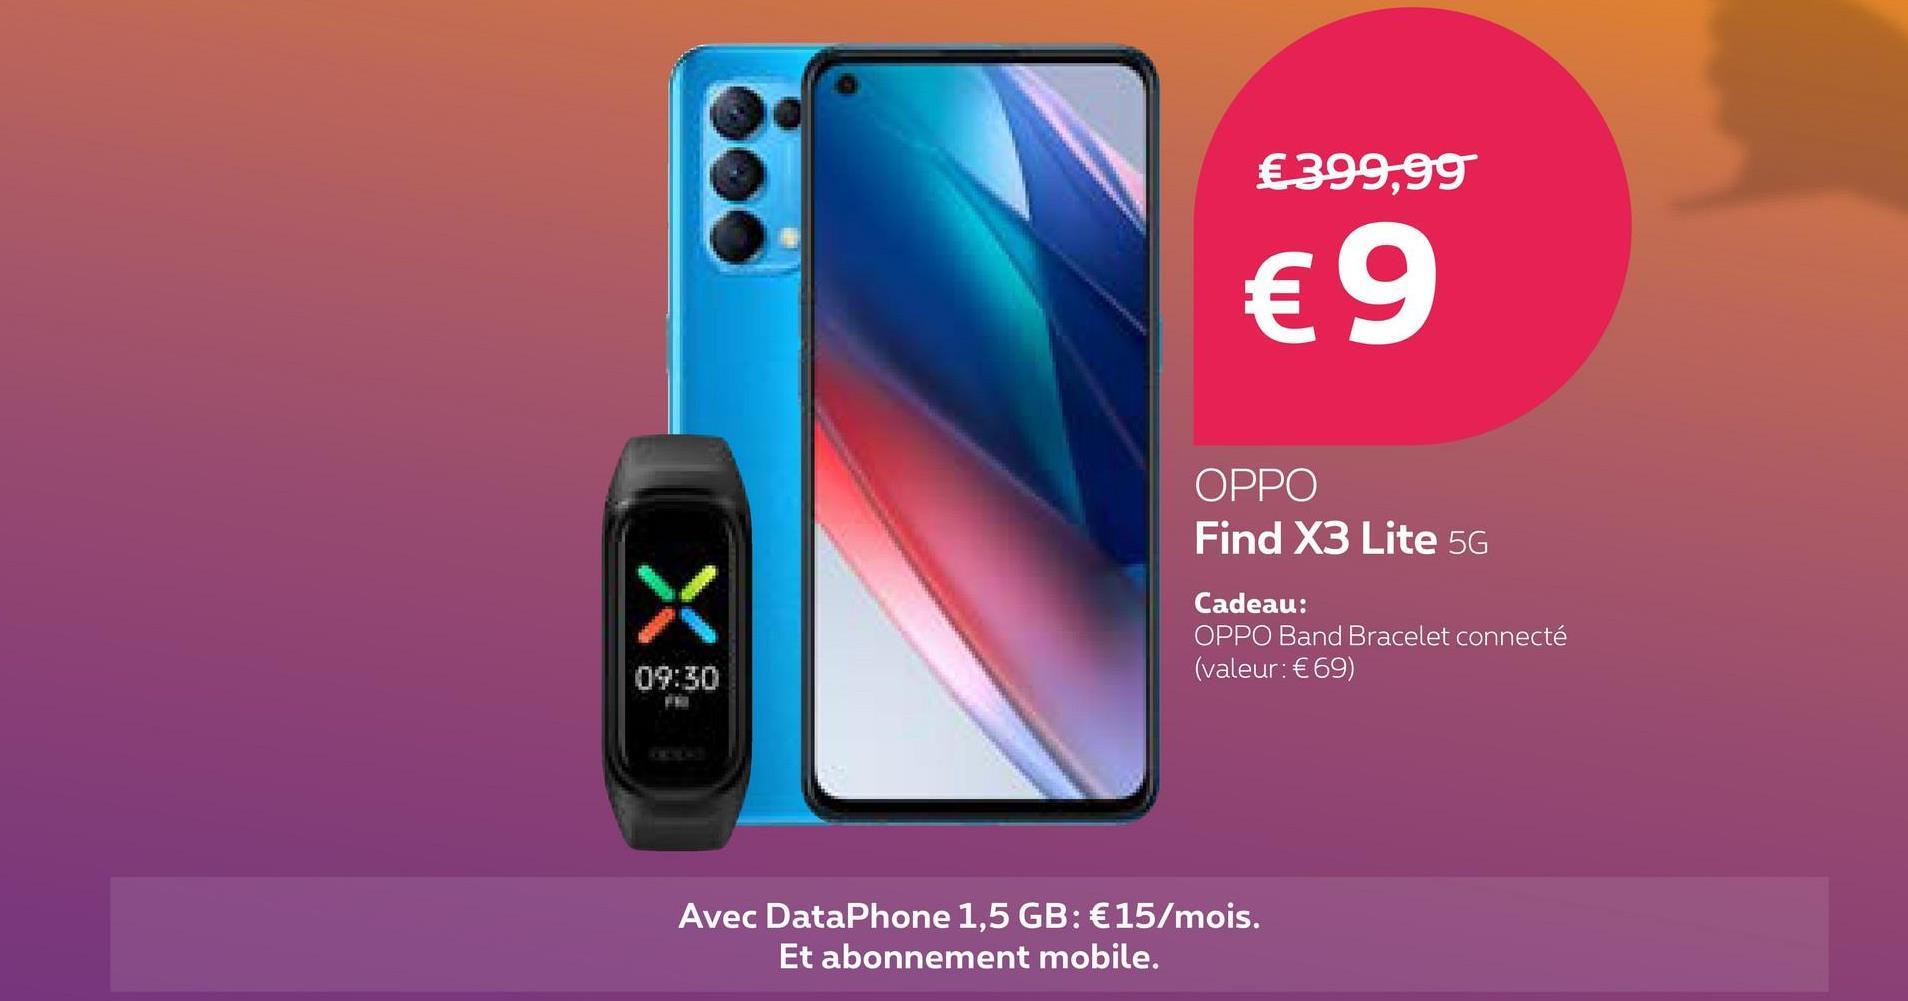 €399,99 € 9 OPPO Find X3 Lite 5G X Cadeau: OPPO Band Bracelet connecté (valeur: €69) 09:30 Avec DataPhone 1,5 GB: €15/mois. Et abonnement mobile.